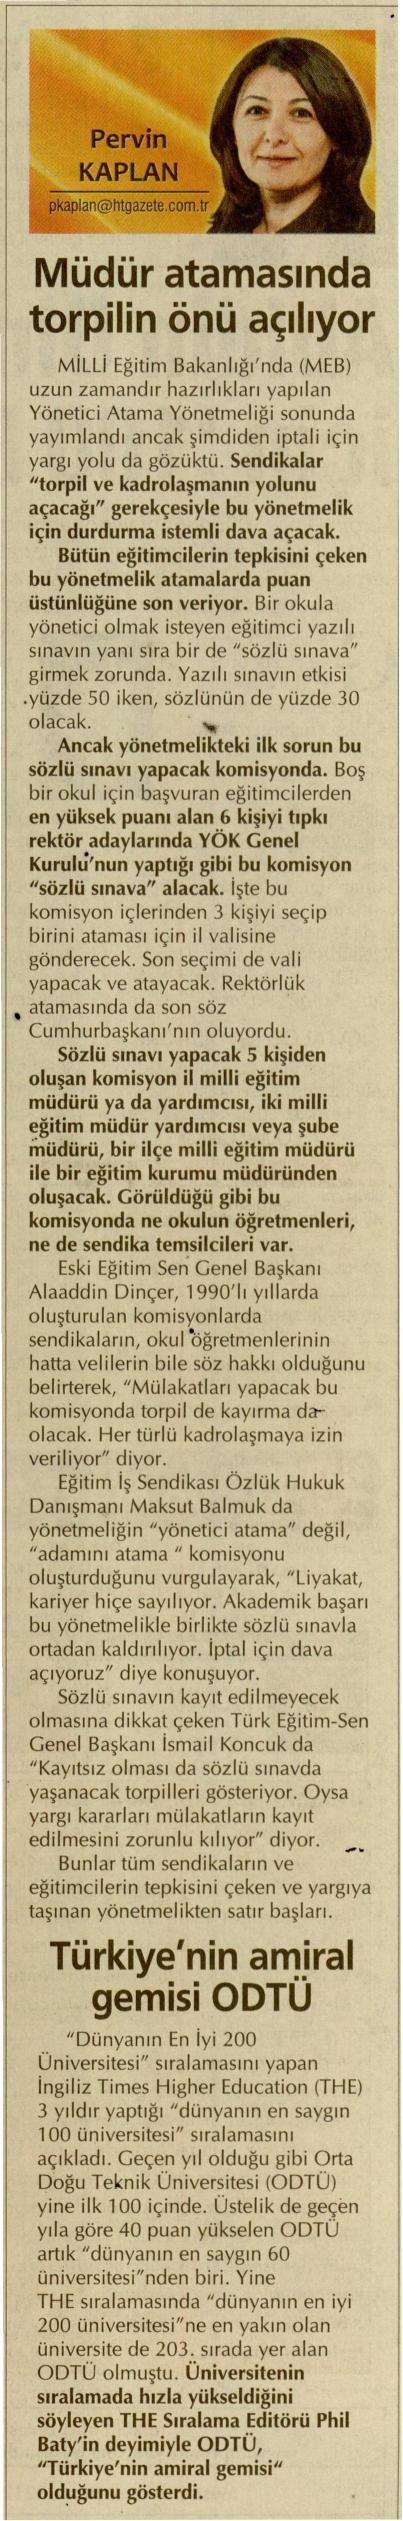 HABERTURK_20130306_25